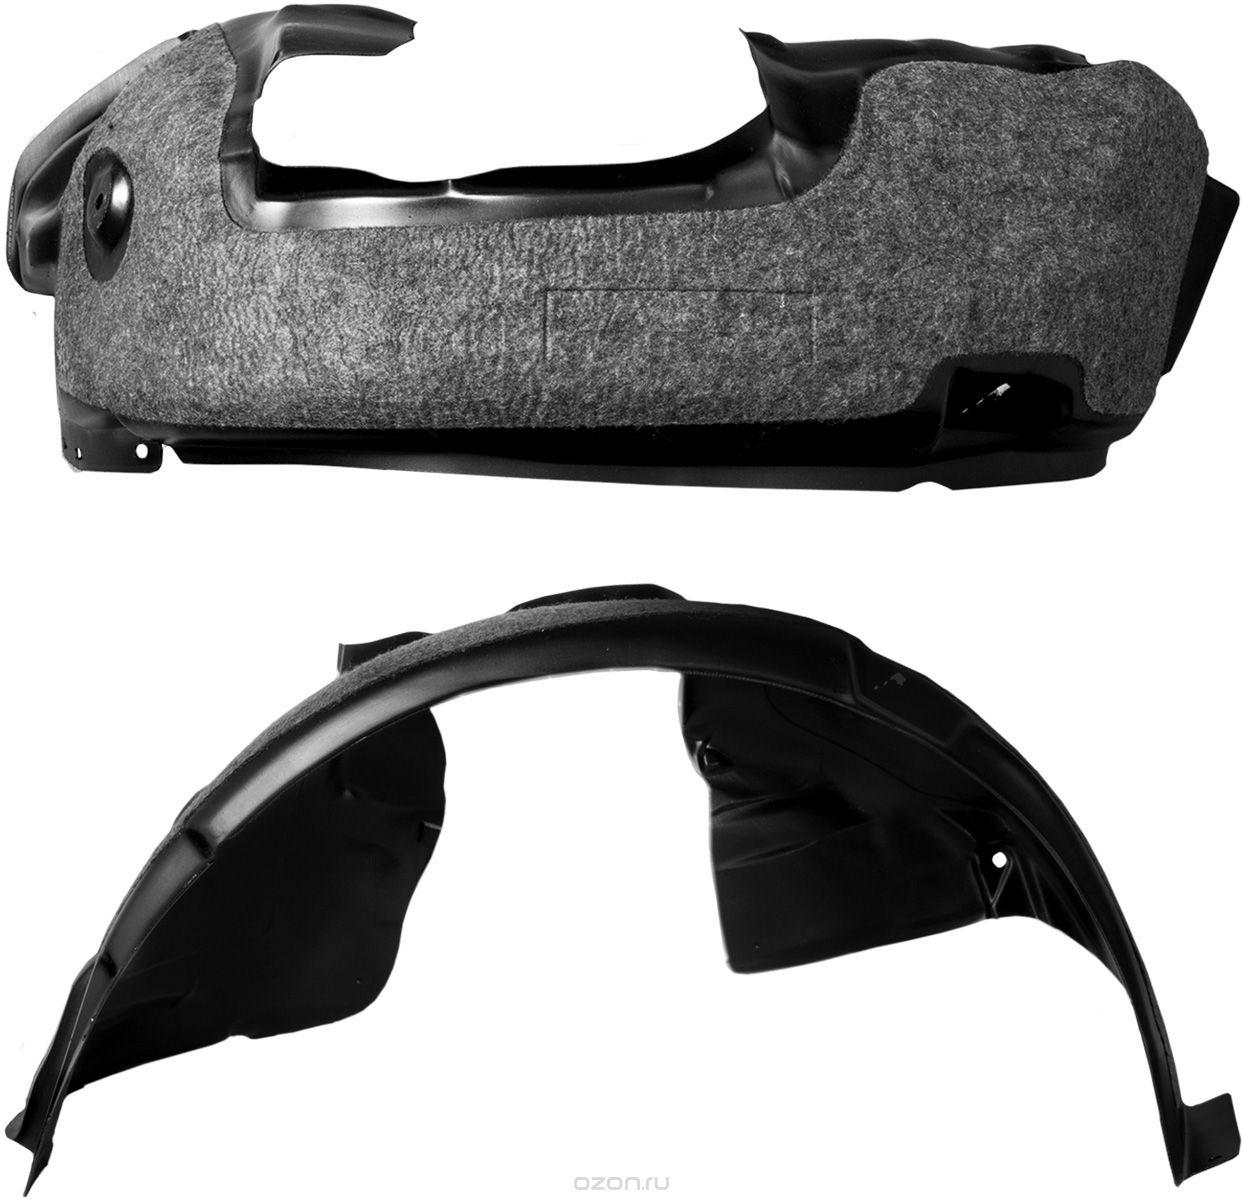 Подкрылок Novline-Autofamily, с шумоизоляцией, для RAVON Nexia R3, 03/2016->, передний левыйNLS.102.02.001Идеальная защита колесной ниши. Локеры разработаны с применением цифровых технологий, гарантируют максимальную повторяемость поверхности арки. Изделия устанавливаются без нарушения лакокрасочного покрытия автомобиля, каждый подкрылок комплектуется крепежом. Уважаемые клиенты, обращаем ваше внимание, что фотографии на подкрылки универсальные и не отражают реальную форму изделия. При этом само изделие идет точно под размер указанного автомобиля.